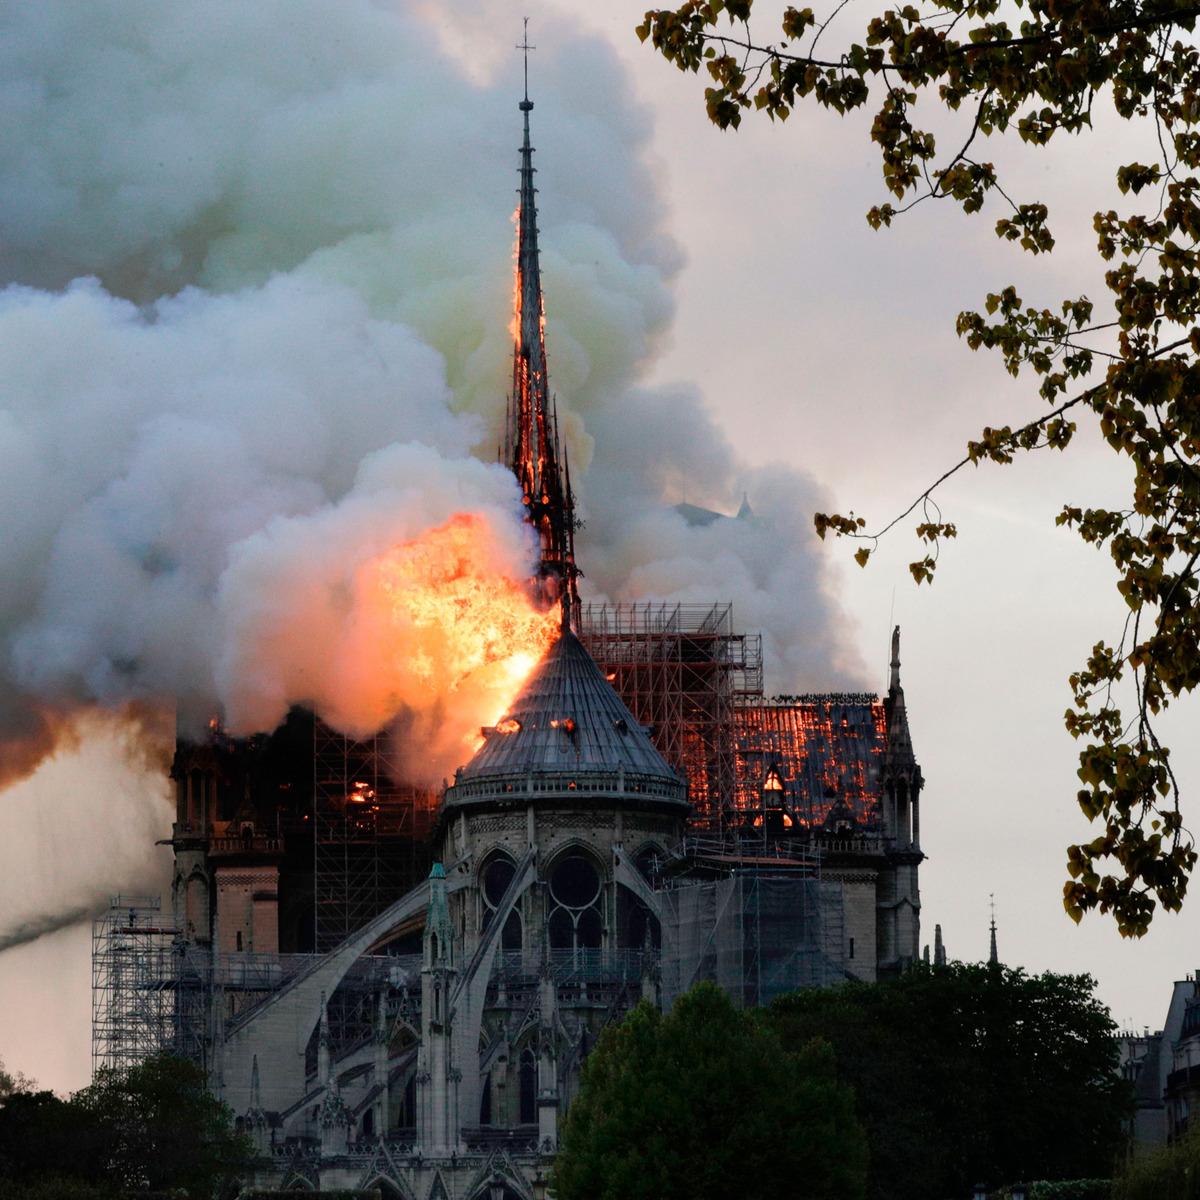 فیلمی کامل از آتش گرفتن کلیسای نوتردام پاریس